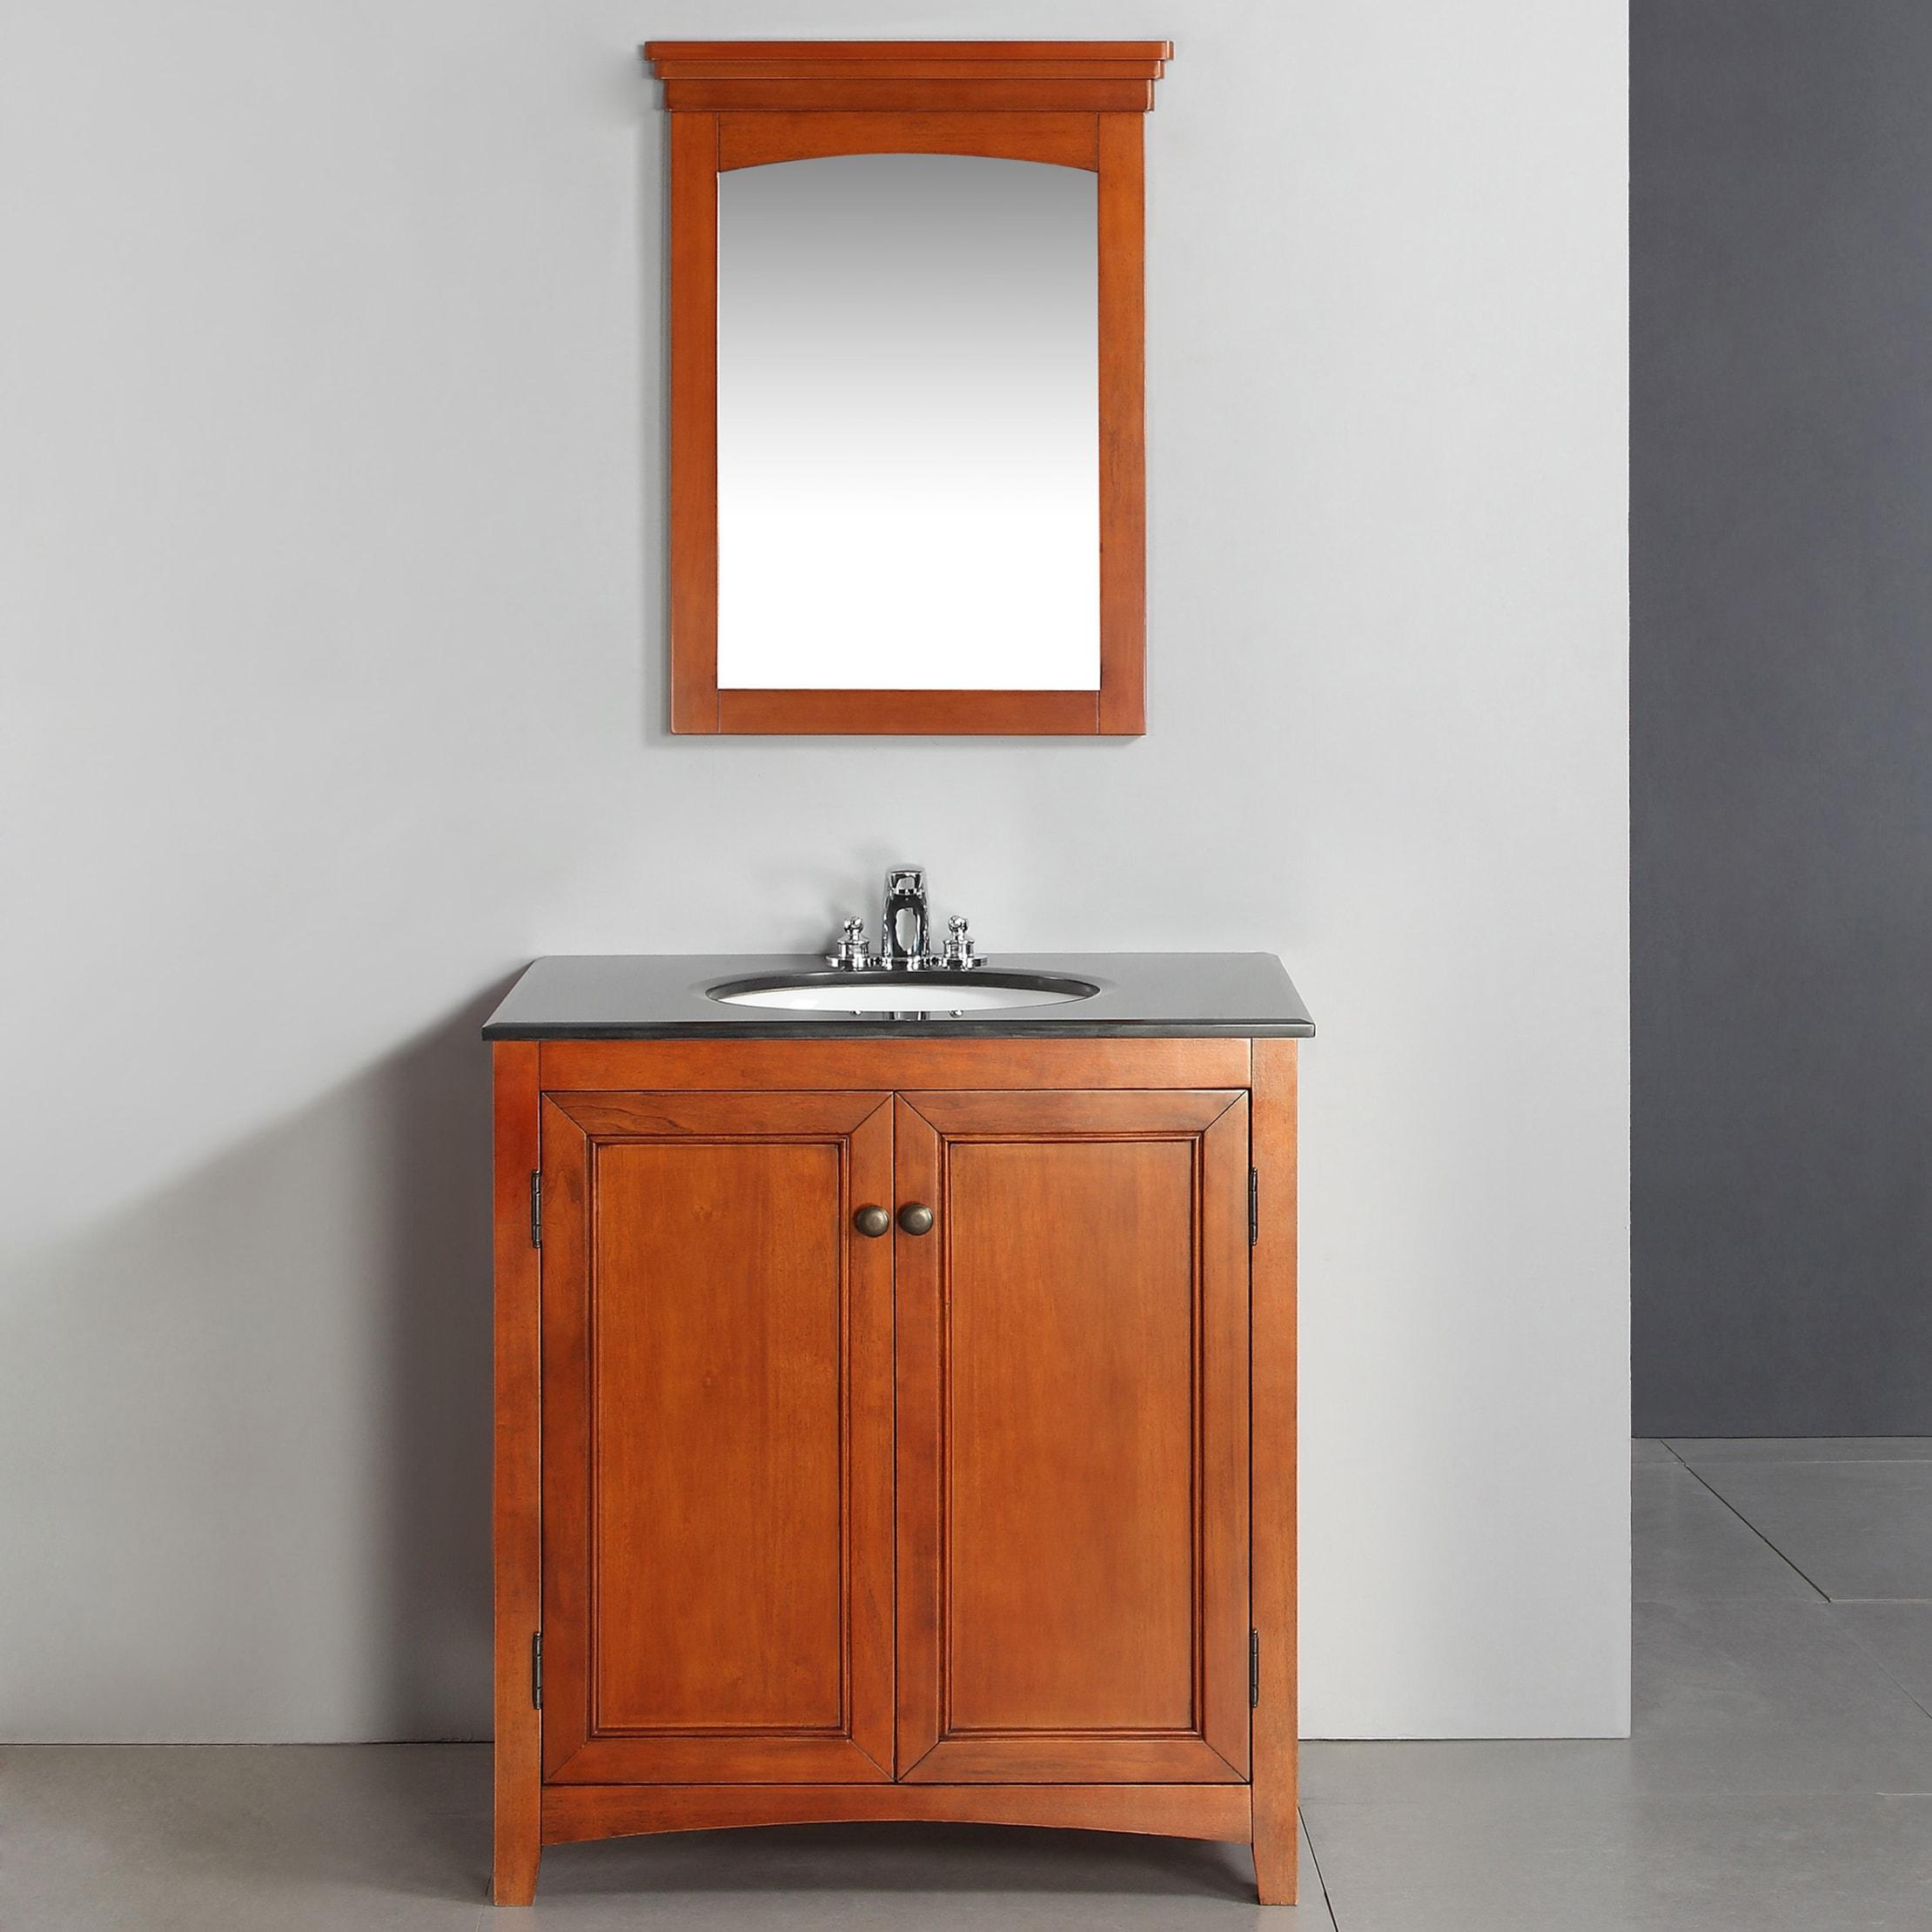 30 Inch Bathroom Vanity Black wyndenhall windsor cinnamon brown 30-inch bath vanity with 2 doors